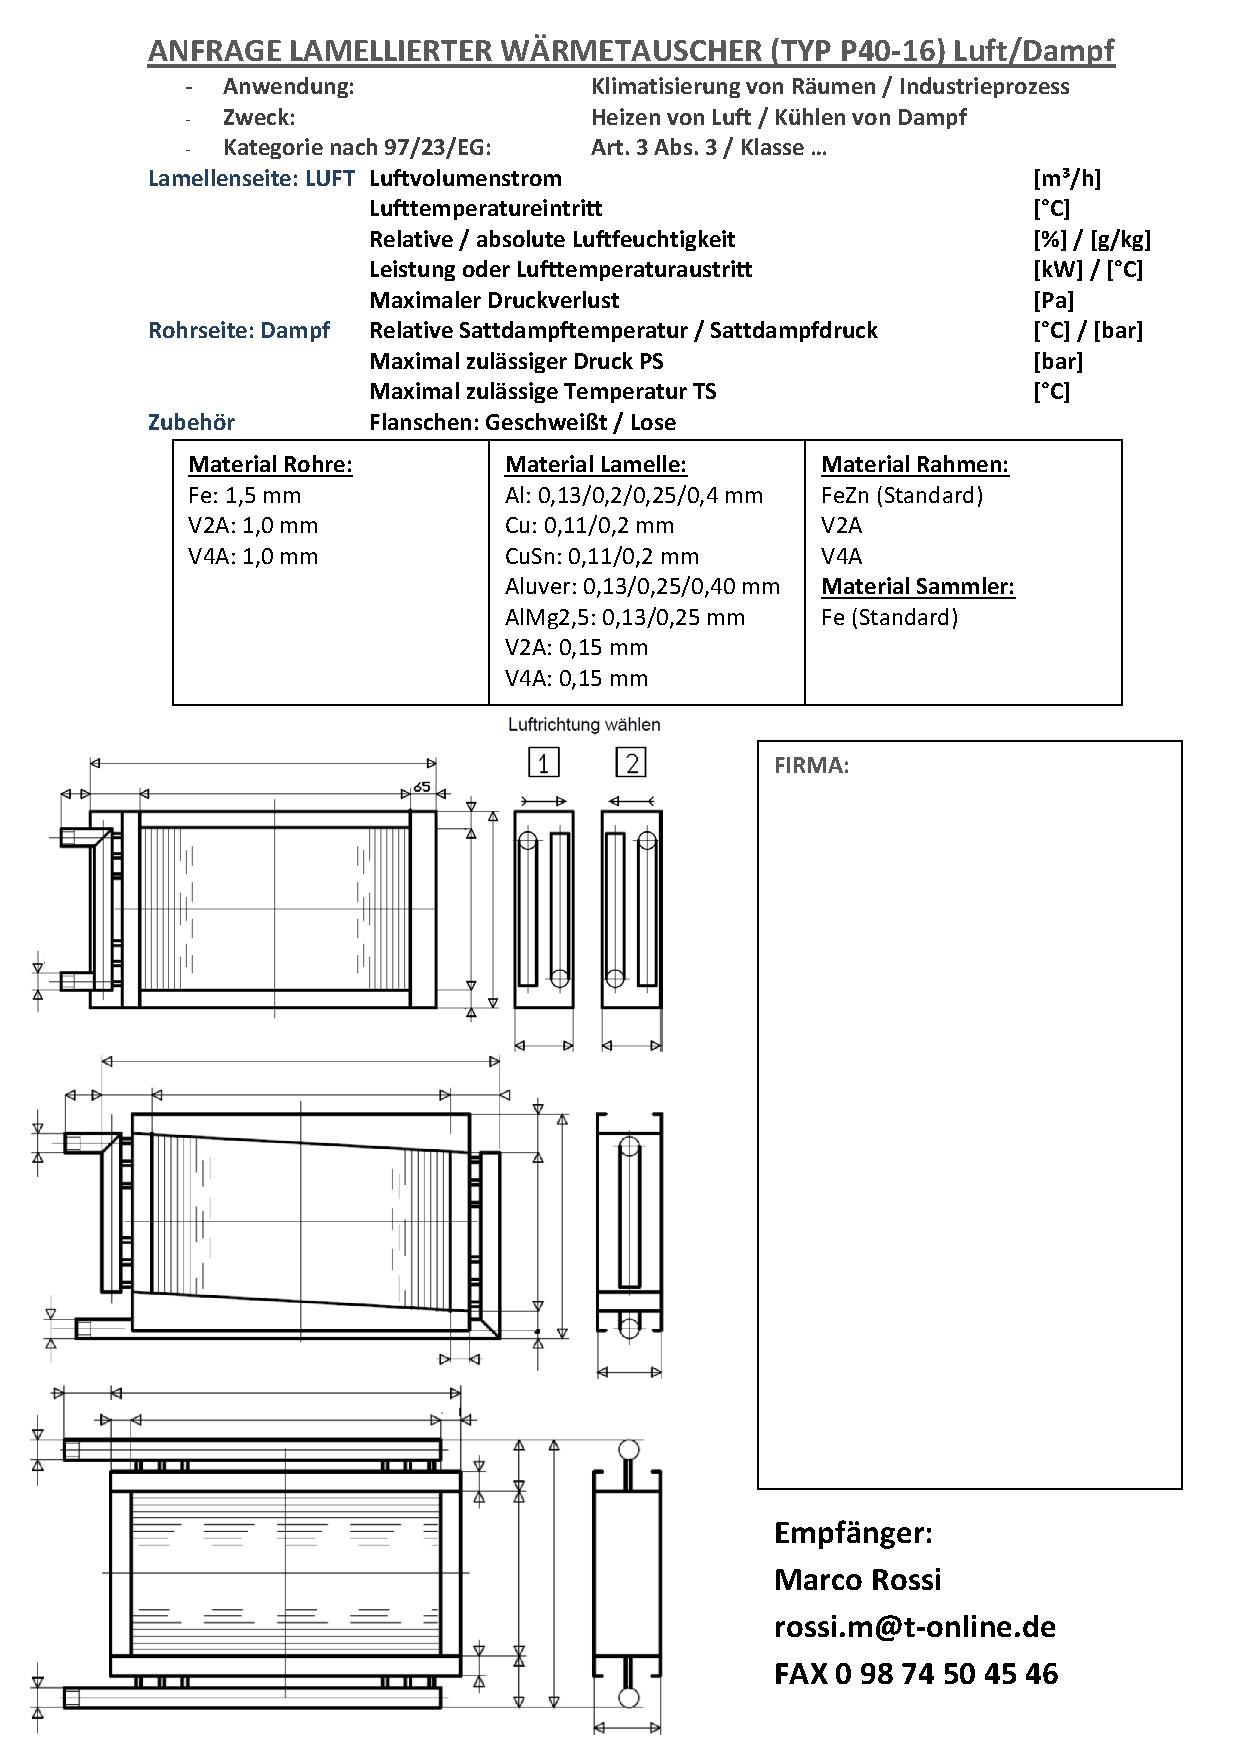 Anfrage Lamellierter Wärmetauscher (Typ P40-16)